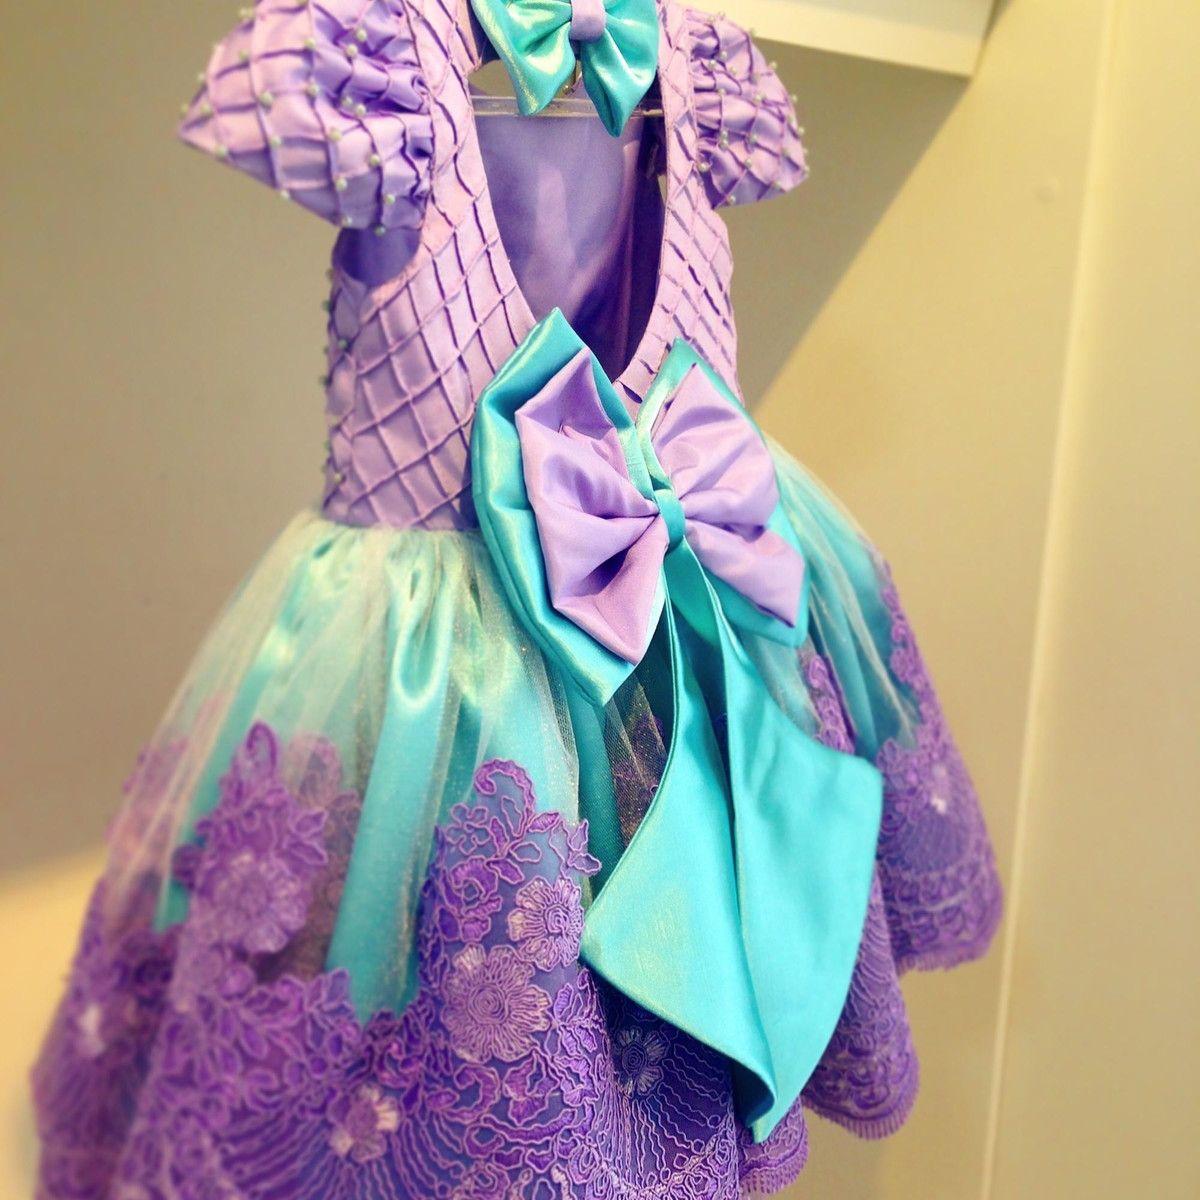 Vestido Ariel No Elo7 Atelier Lauren Children Ccf5d9 En